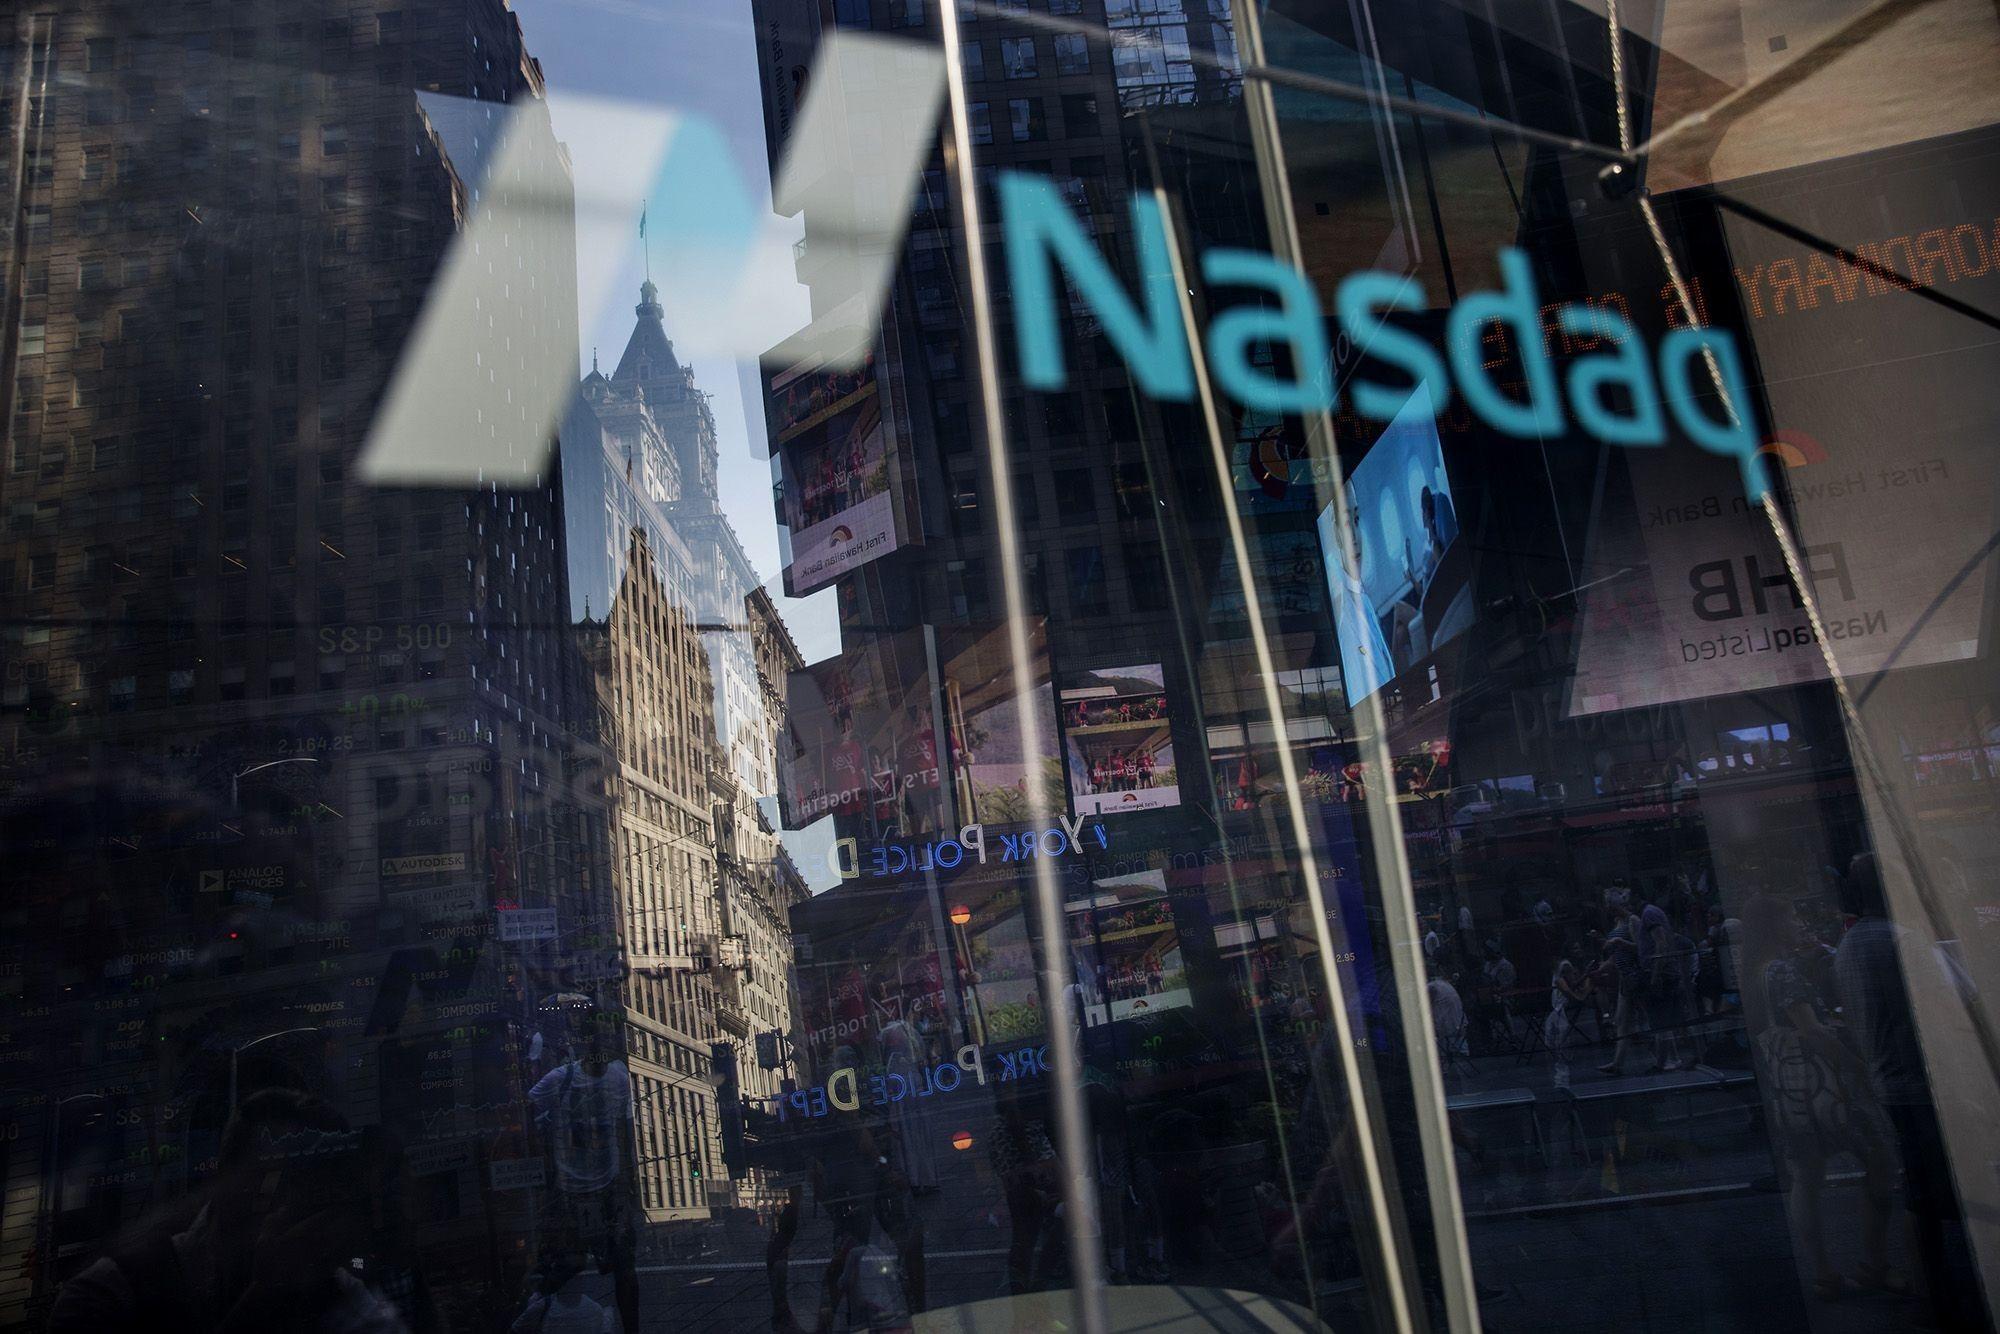 El repunte de las firmas tecnológicas eleva el índice Nasdaq por encima de 9.000